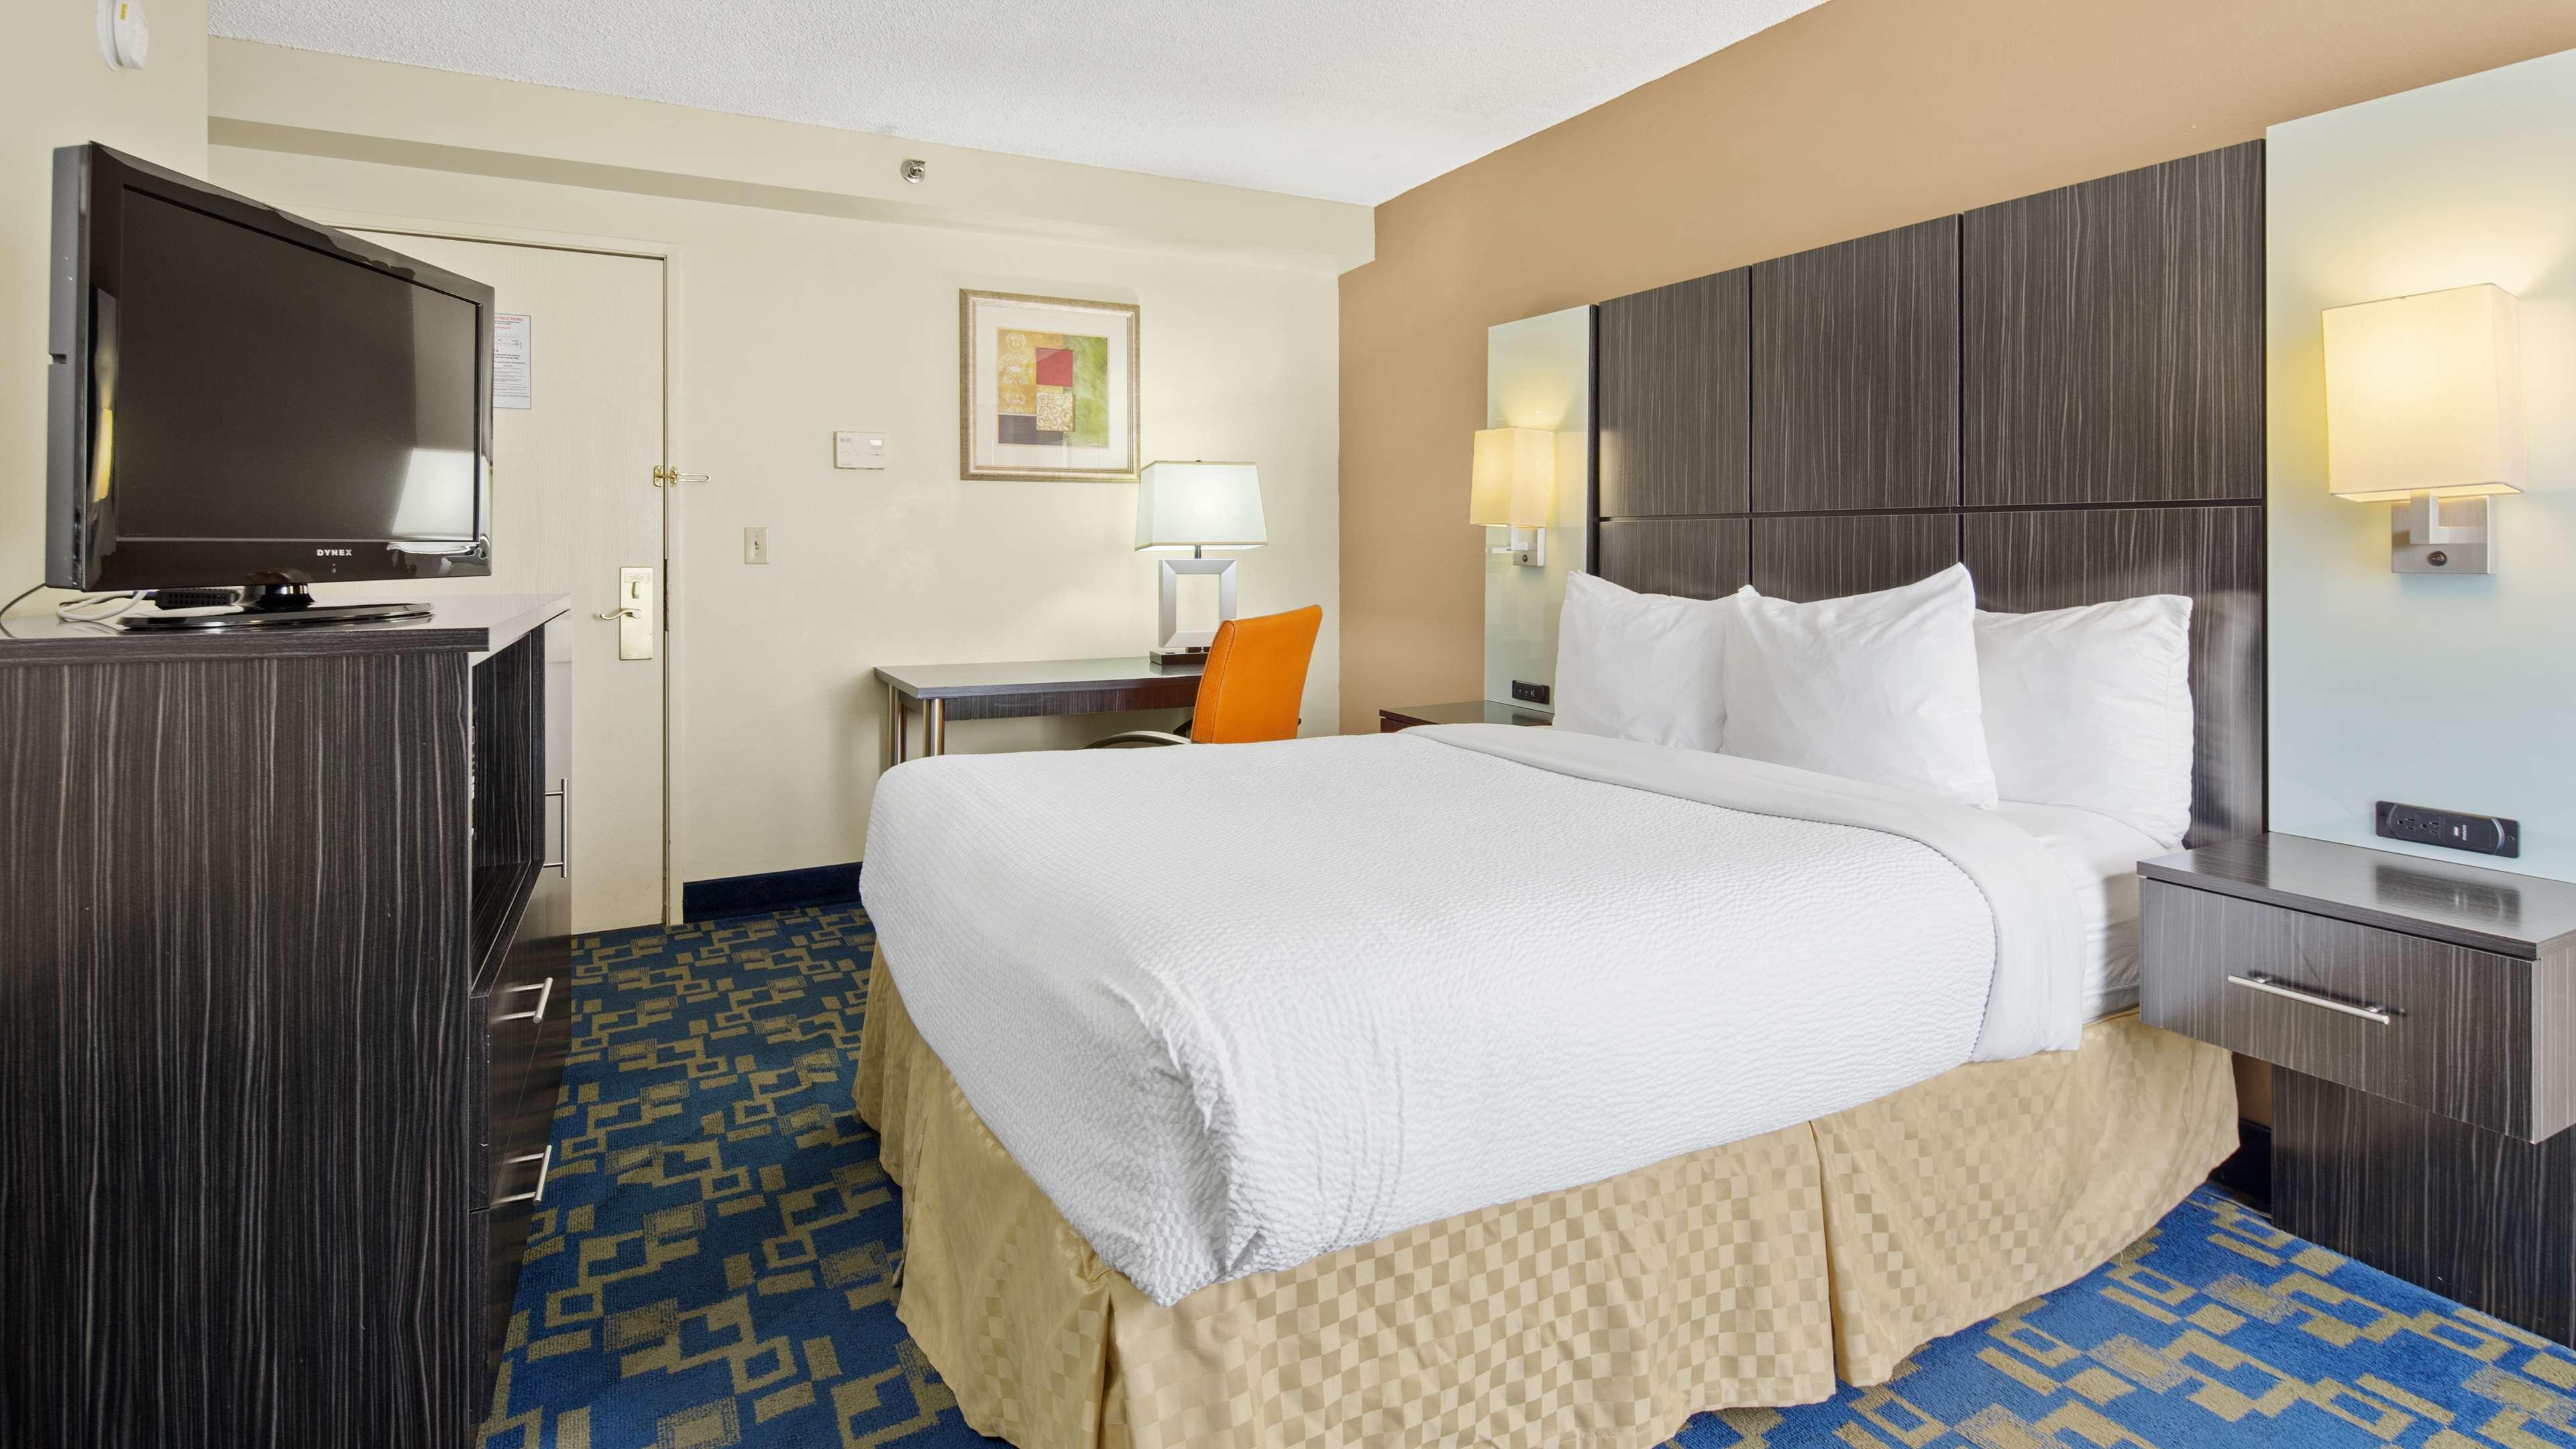 Best Western Southside Hotel & Suites image 10